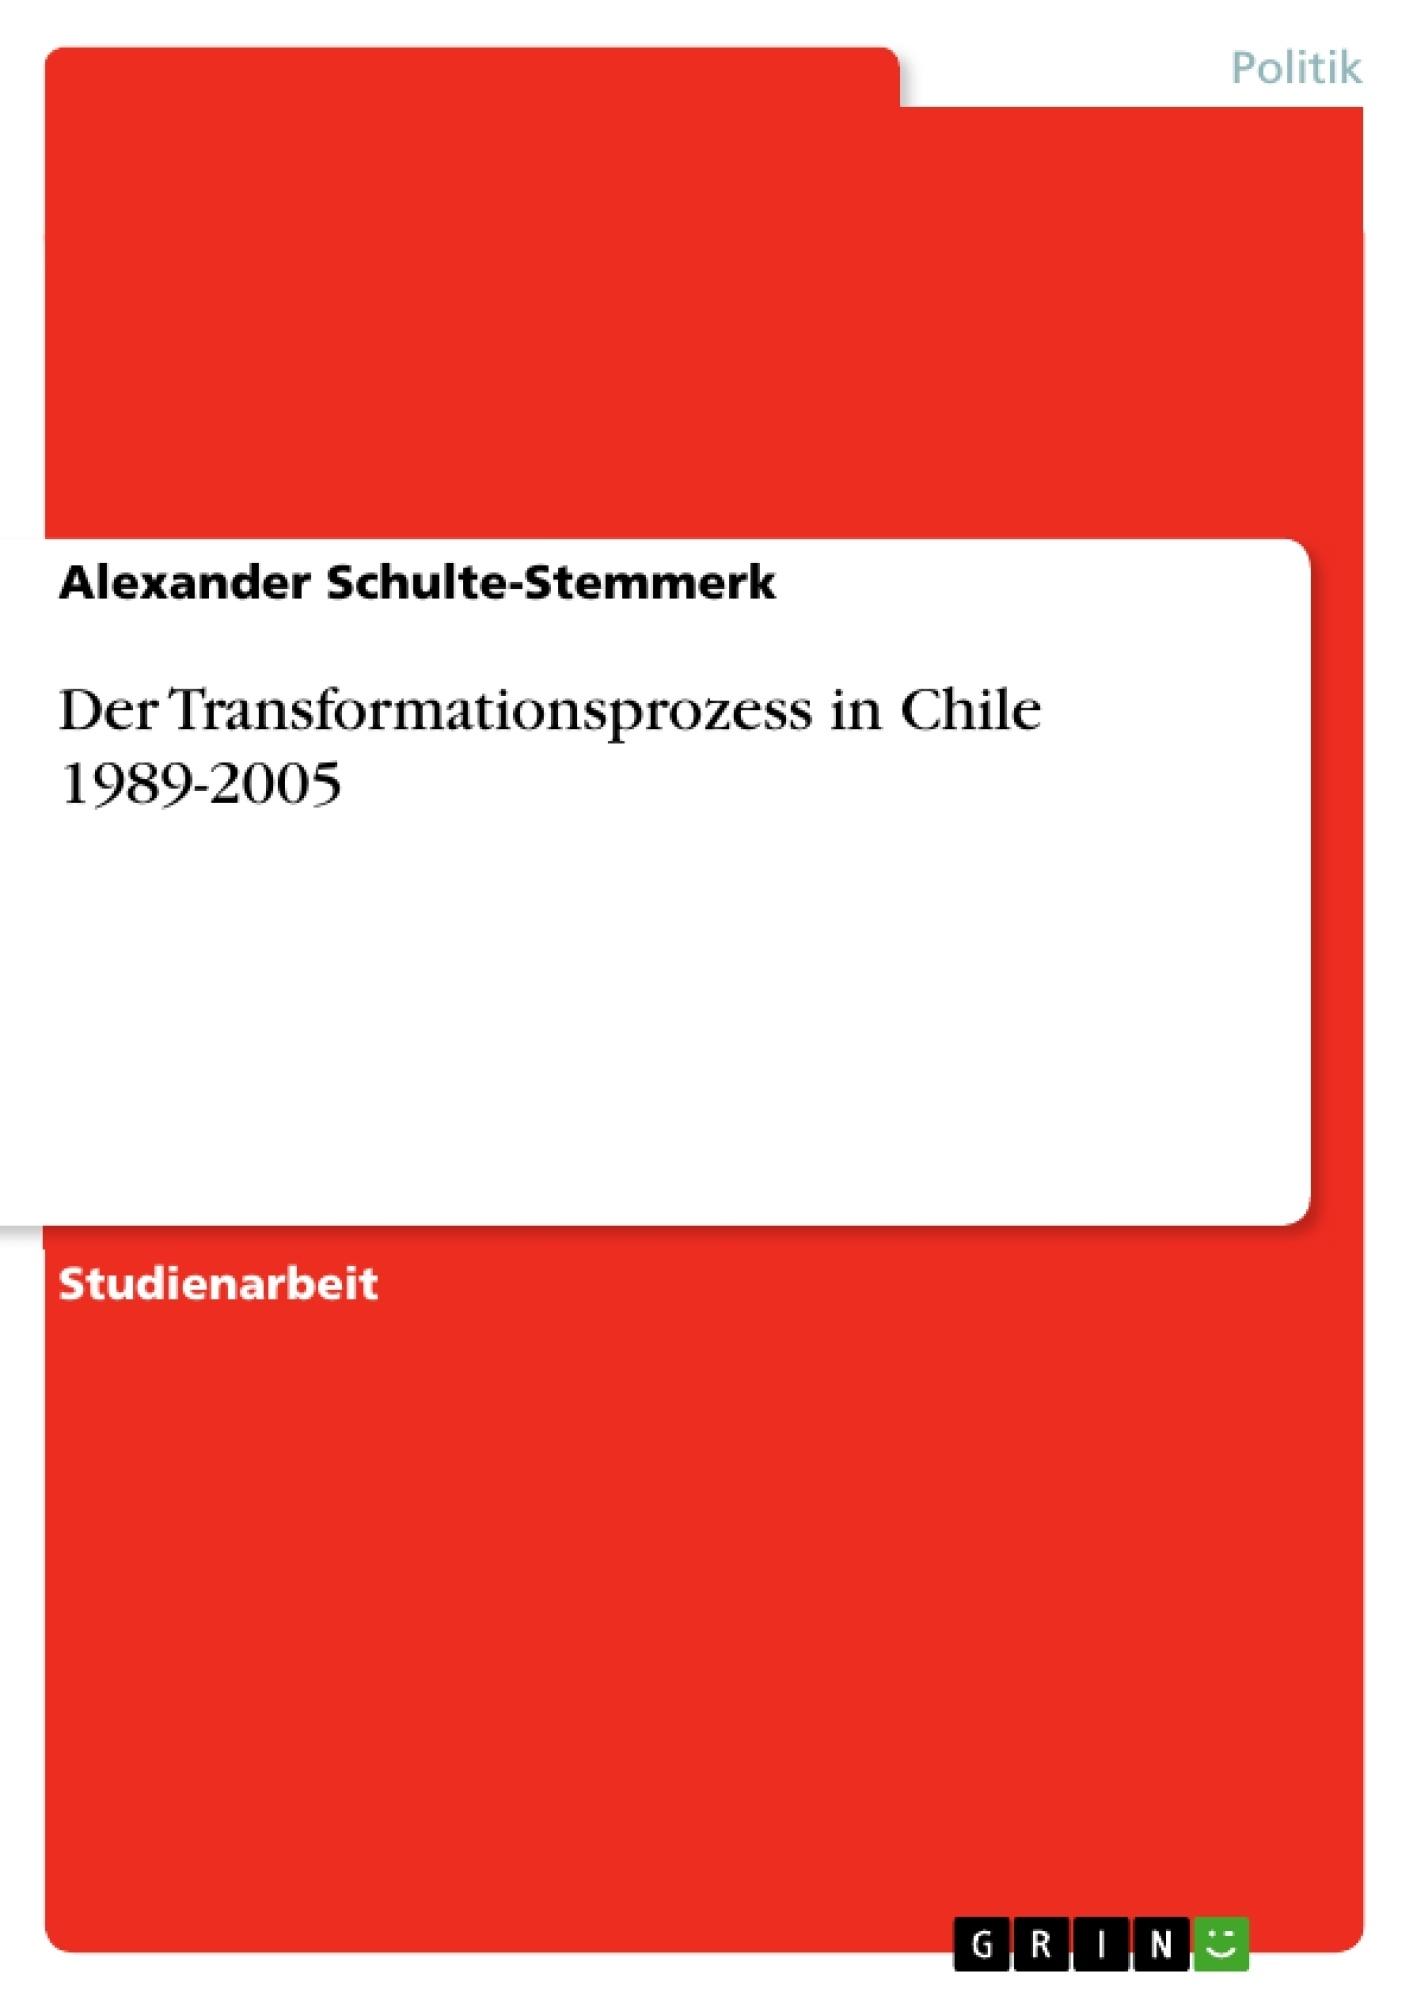 Titel: Der Transformationsprozess in Chile 1989-2005